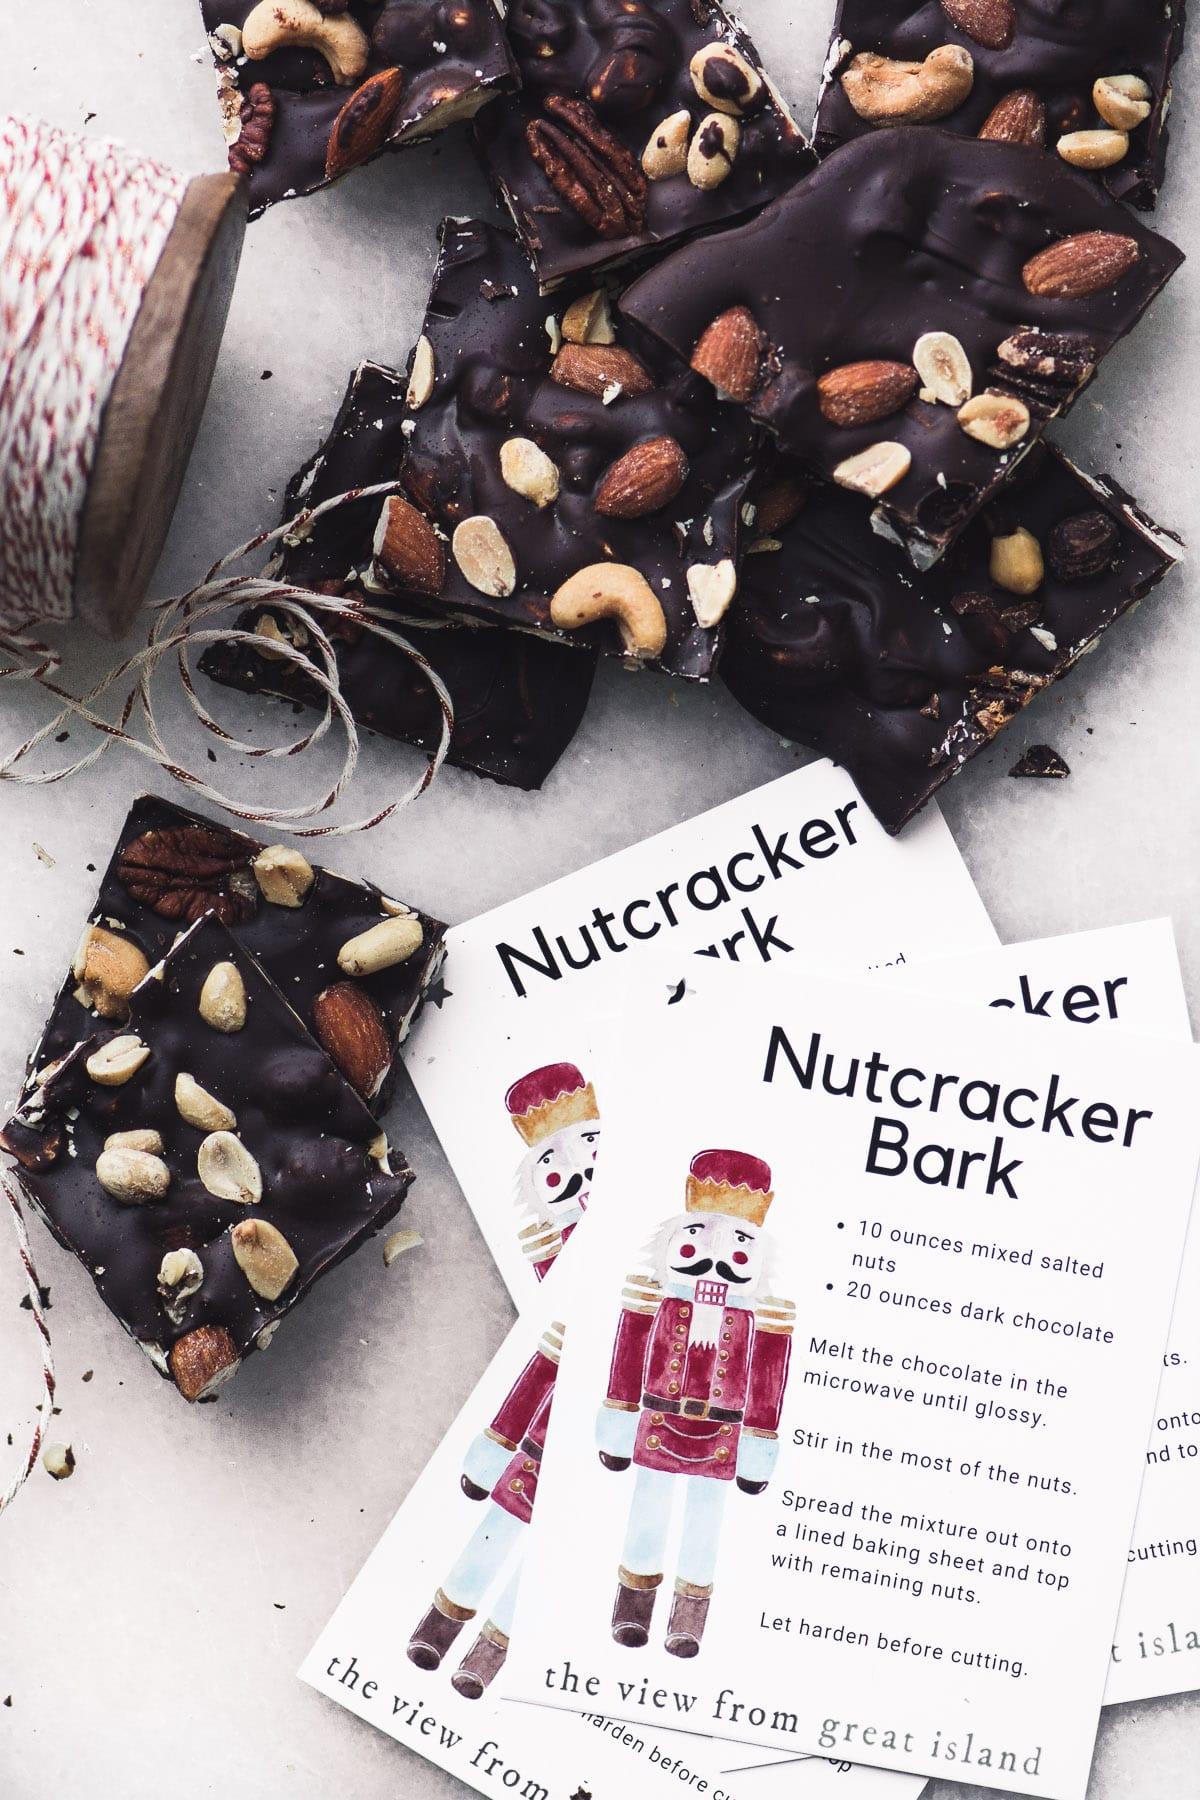 Nutcracker Bark and recipe tags